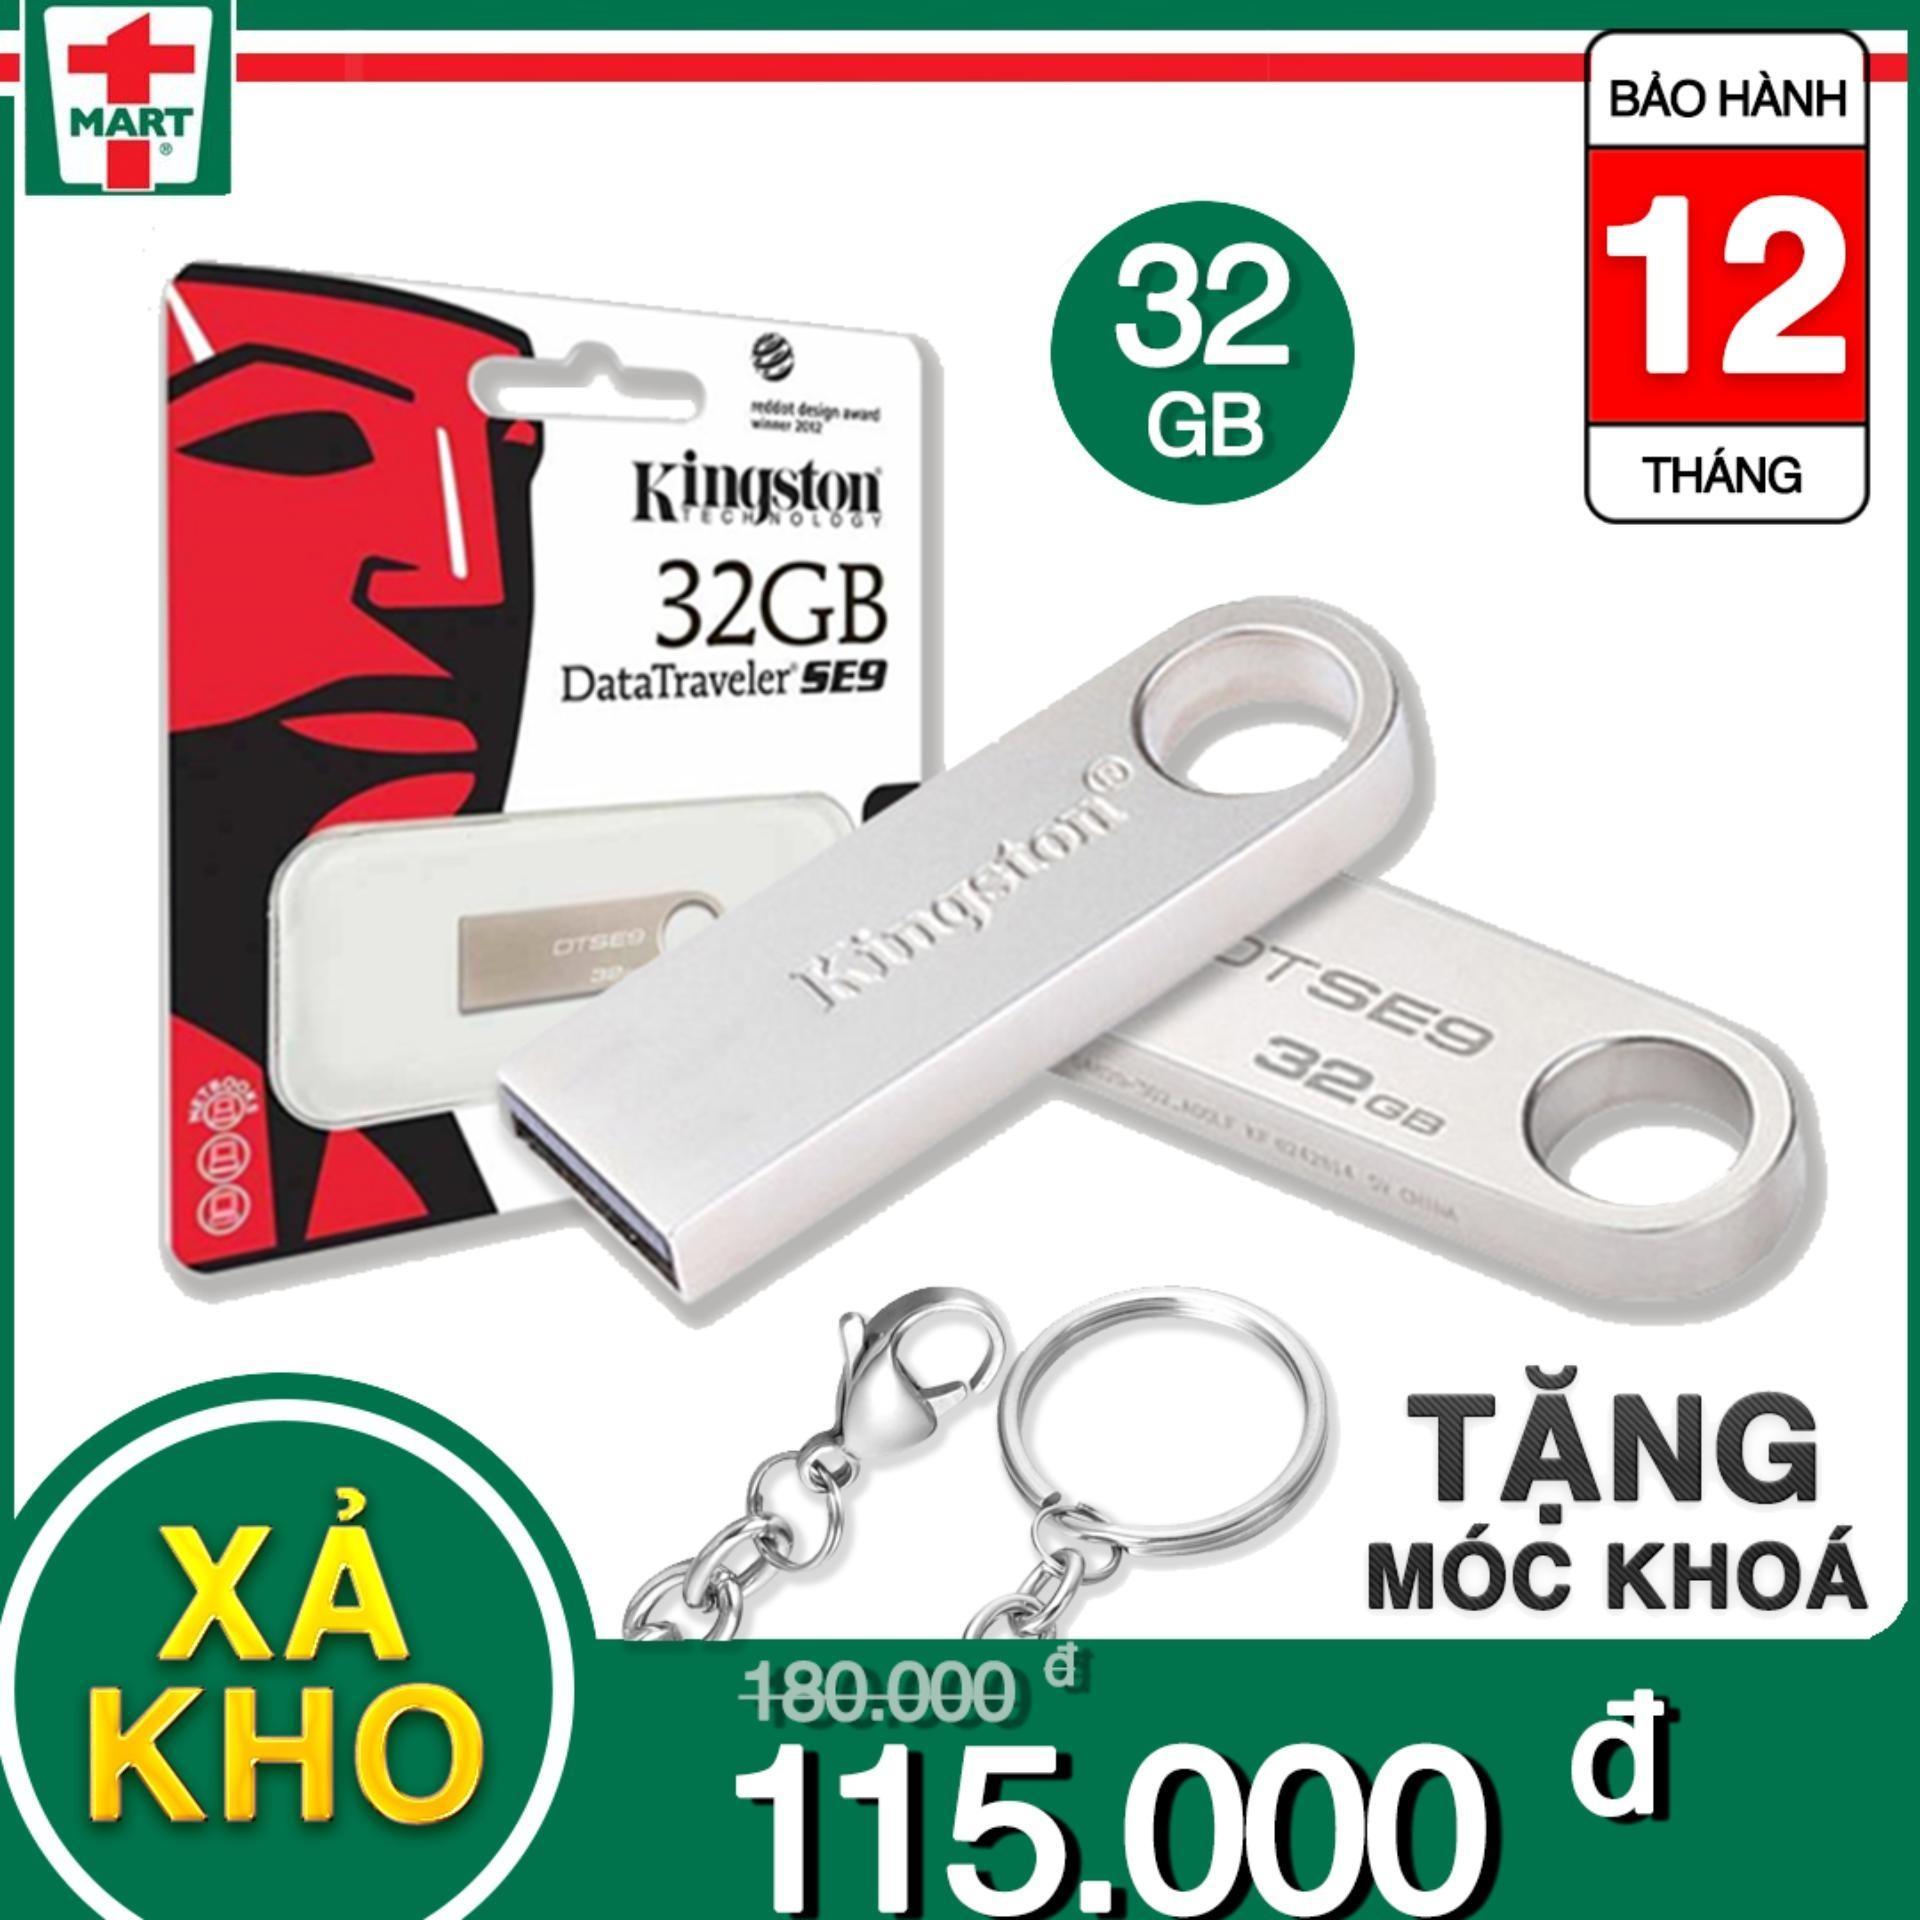 [32gb] USB Kingston DataTraveler SE9 32GB  - Bảo hành 12 tháng lỗi 1 đổi 1